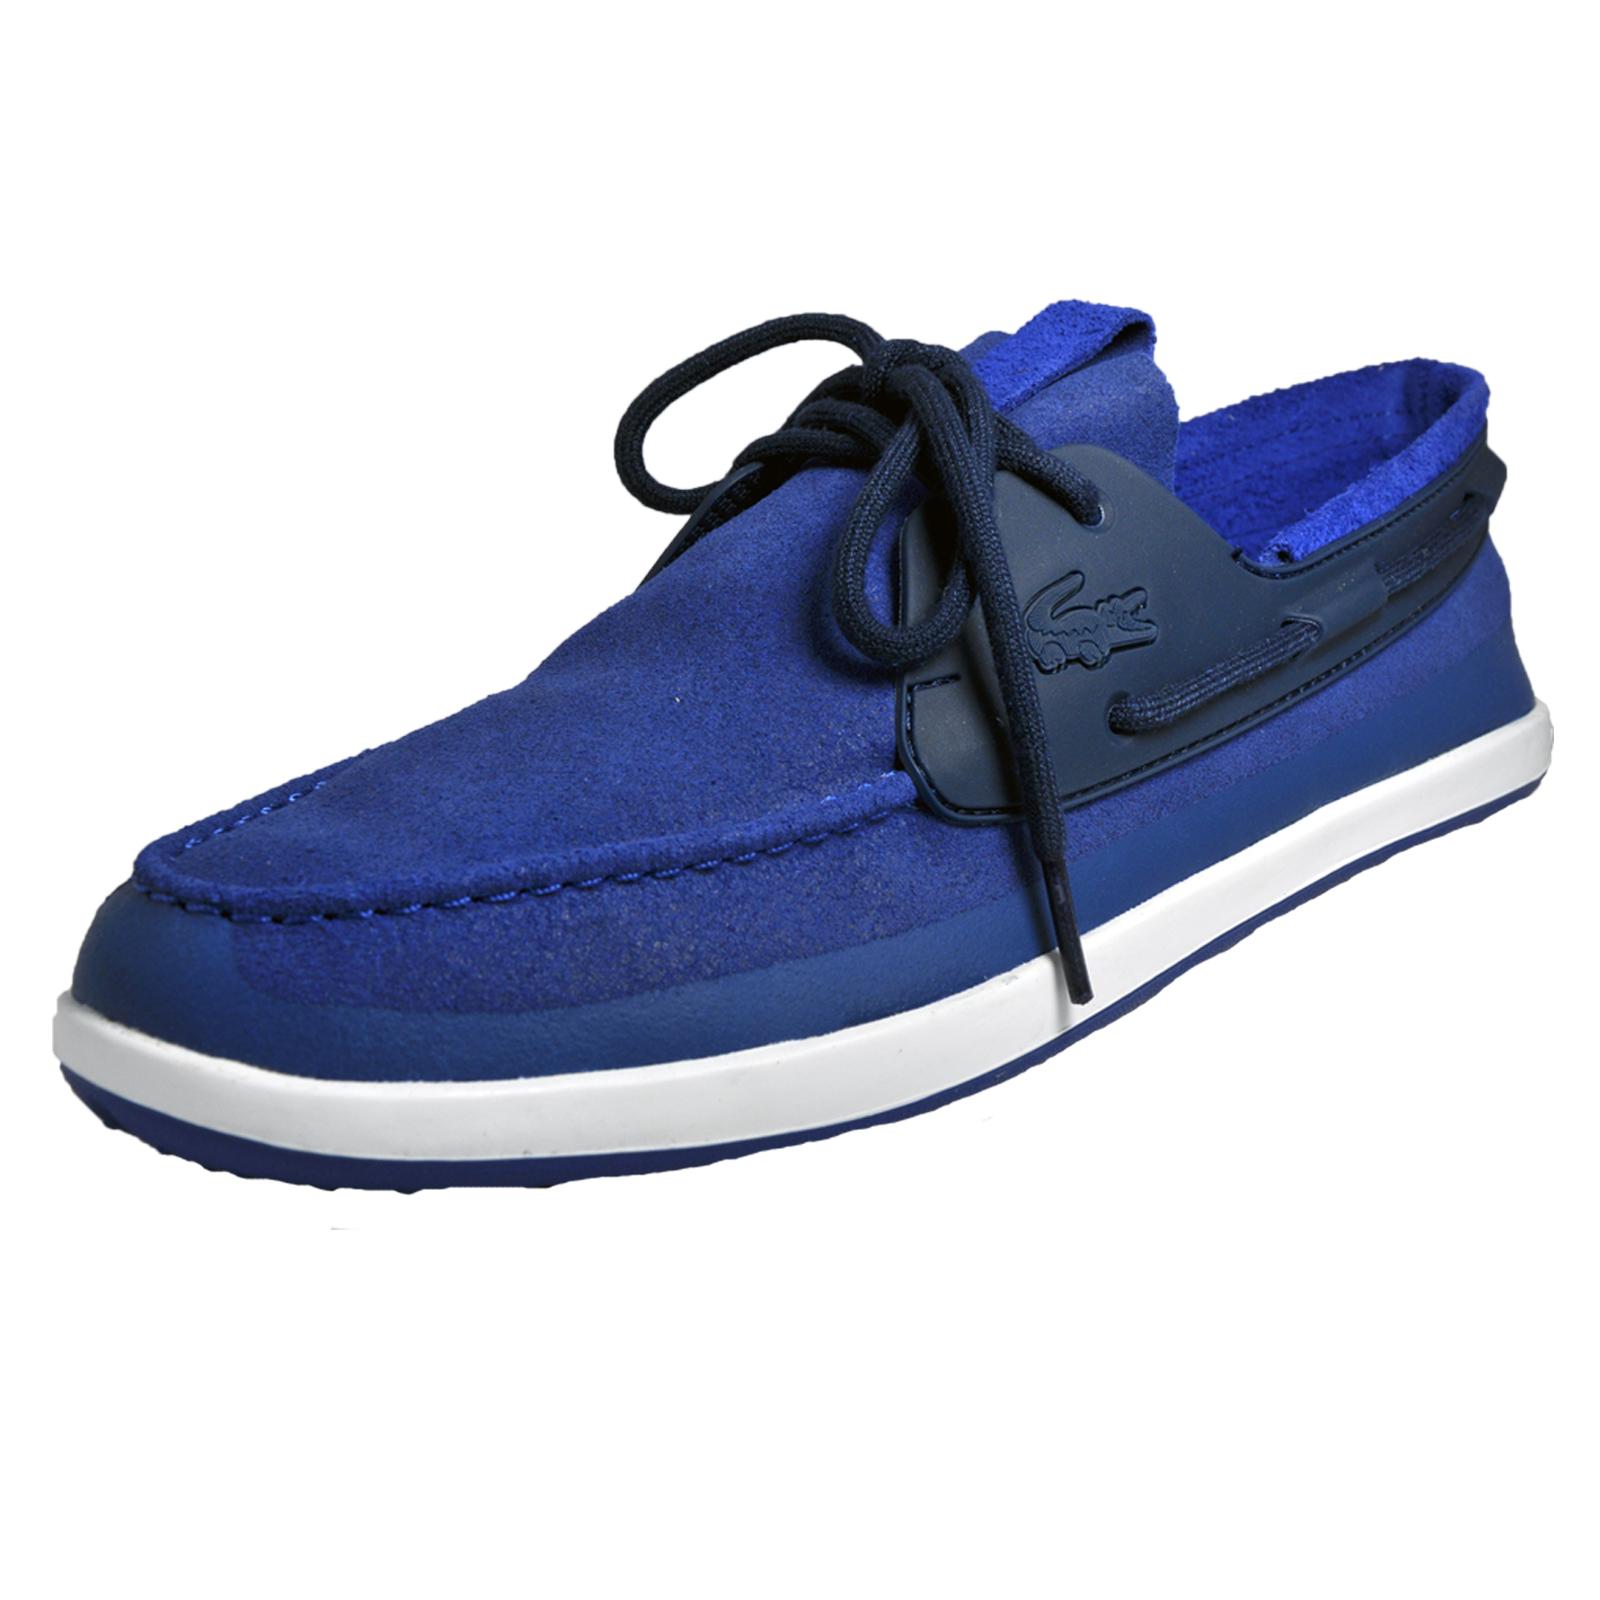 595b4984e Details about Lacoste Landsailing 316 Mens Classic Casual Designer Boat  Shoes Blue